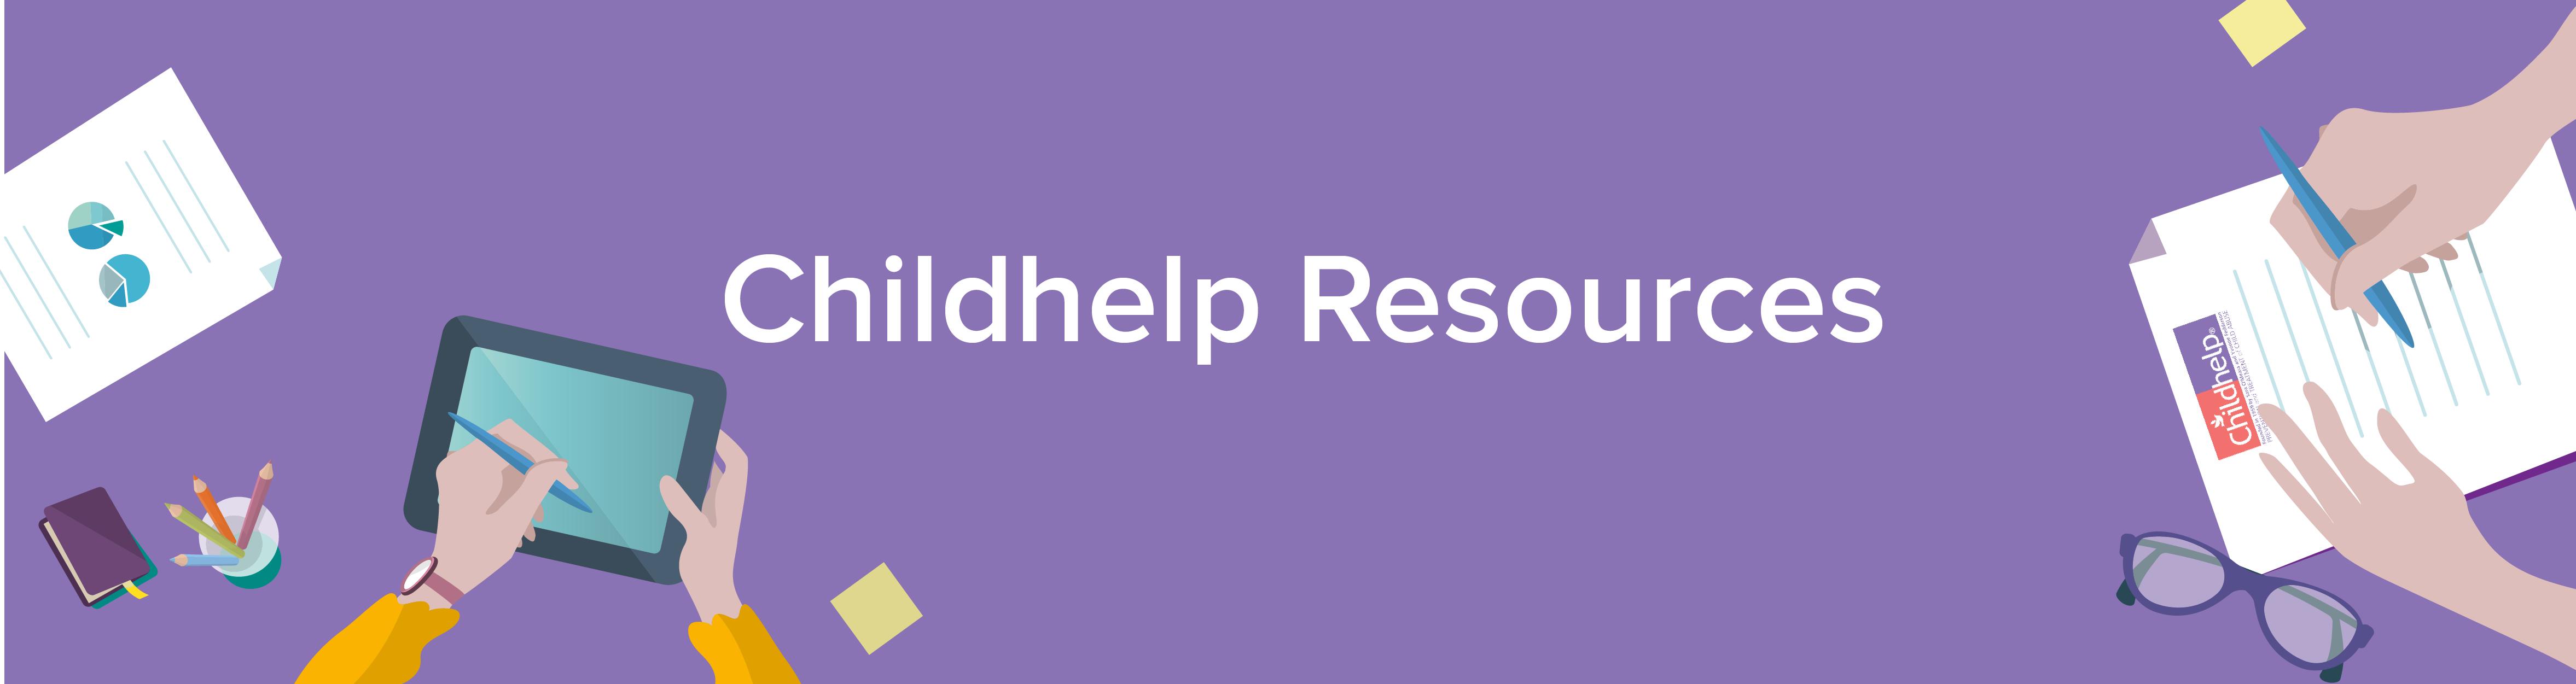 Childhelp Resources